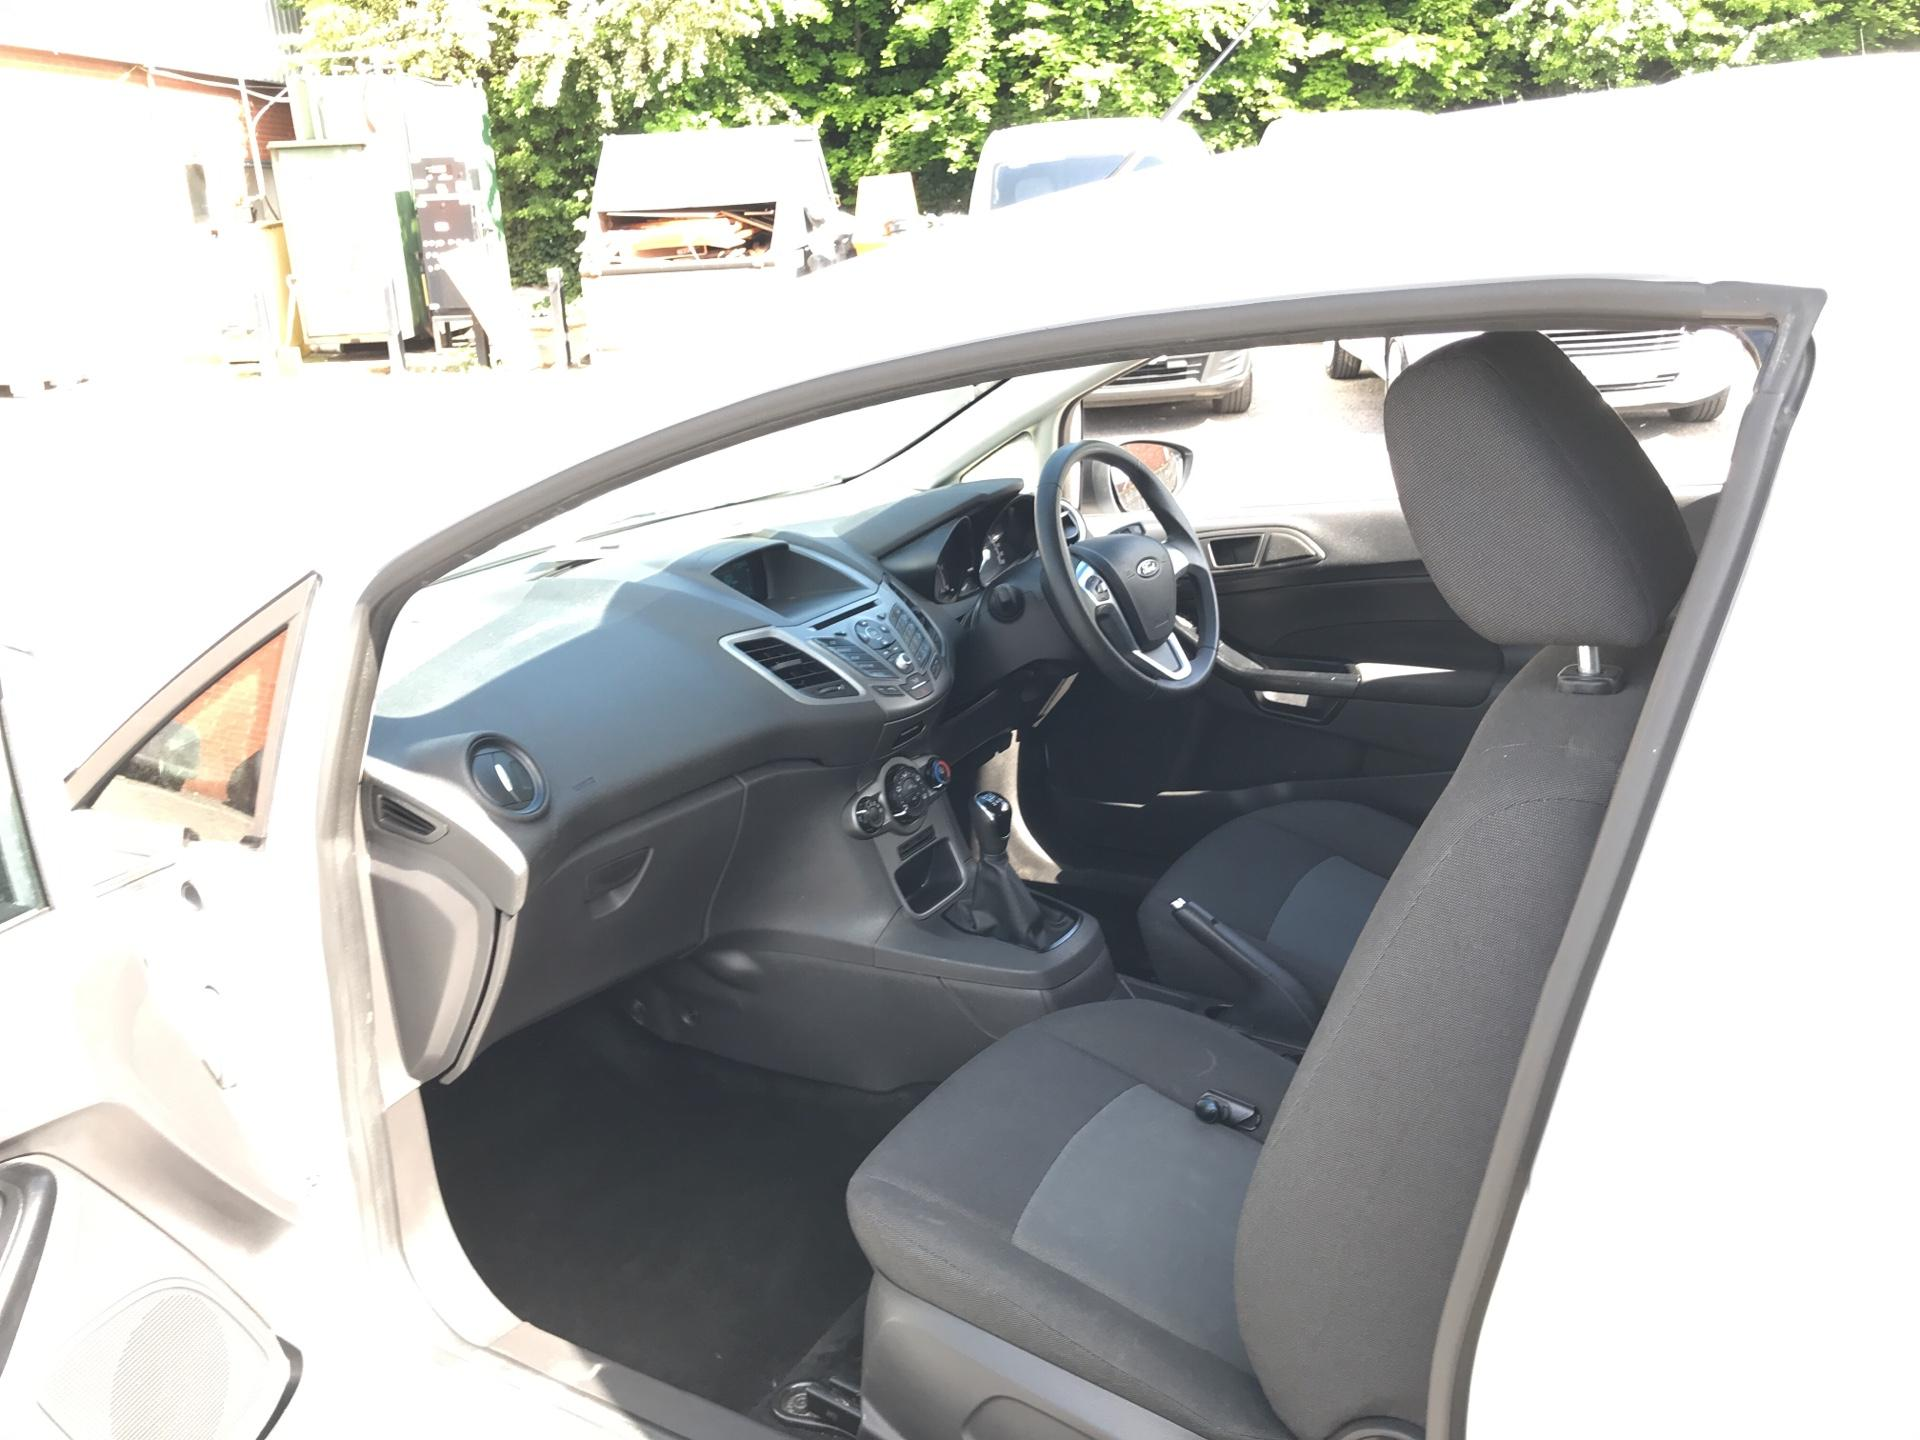 2016 Ford Fiesta 1.5 Tdci Van EURO 5 (FN16UVR) Image 15